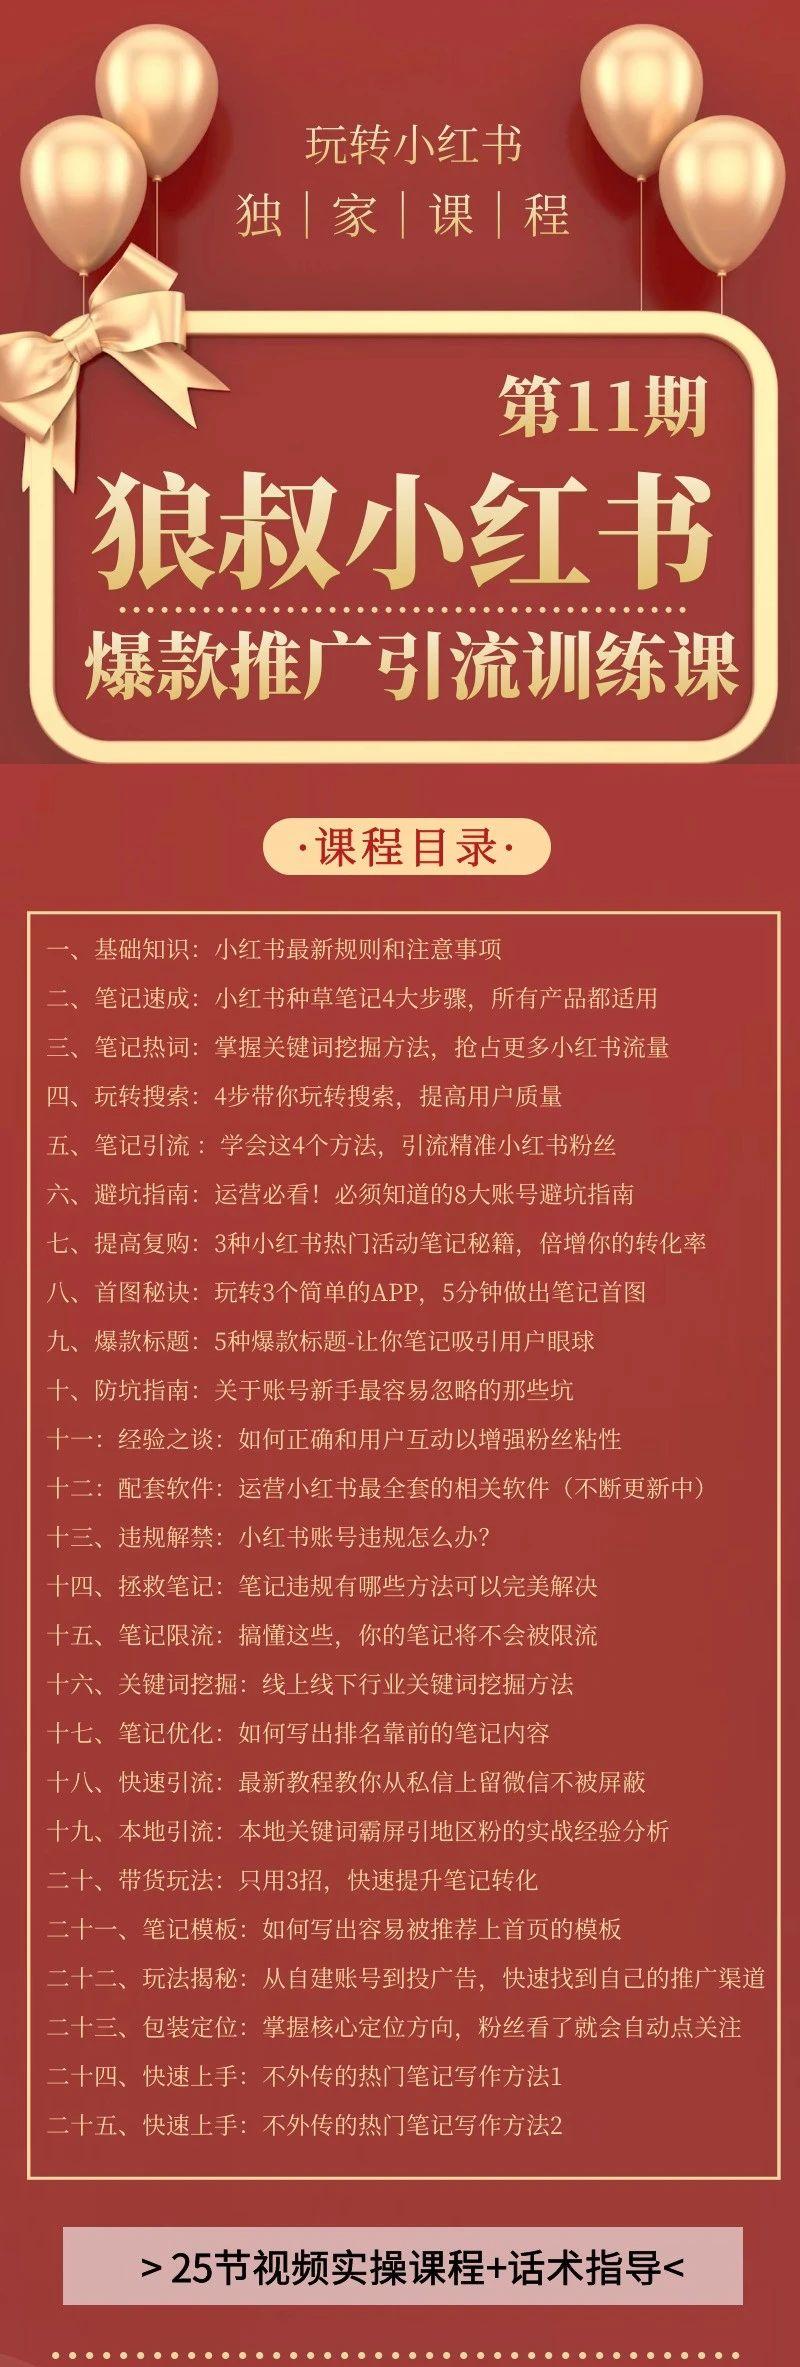 狼叔小红书爆款推广引流训练课第11期